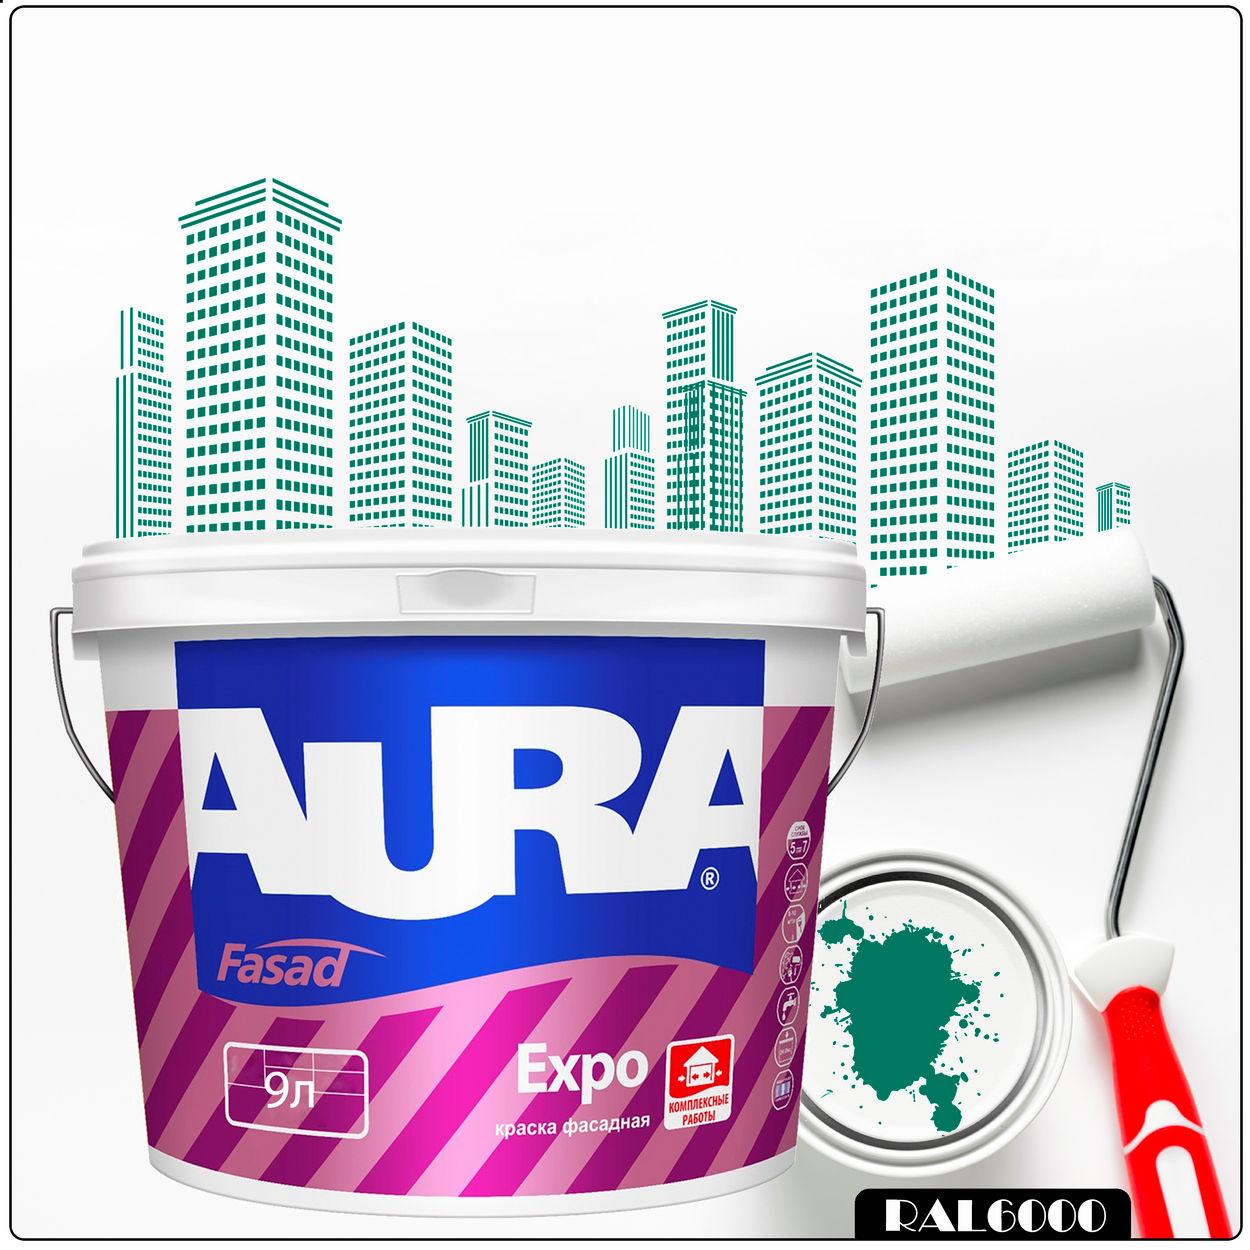 Фото 1 - Краска Aura Fasad Expo, RAL 6000 Платиново-зеленый, матовая, для фасадов и помещений с повышенной влажностью, 9л.